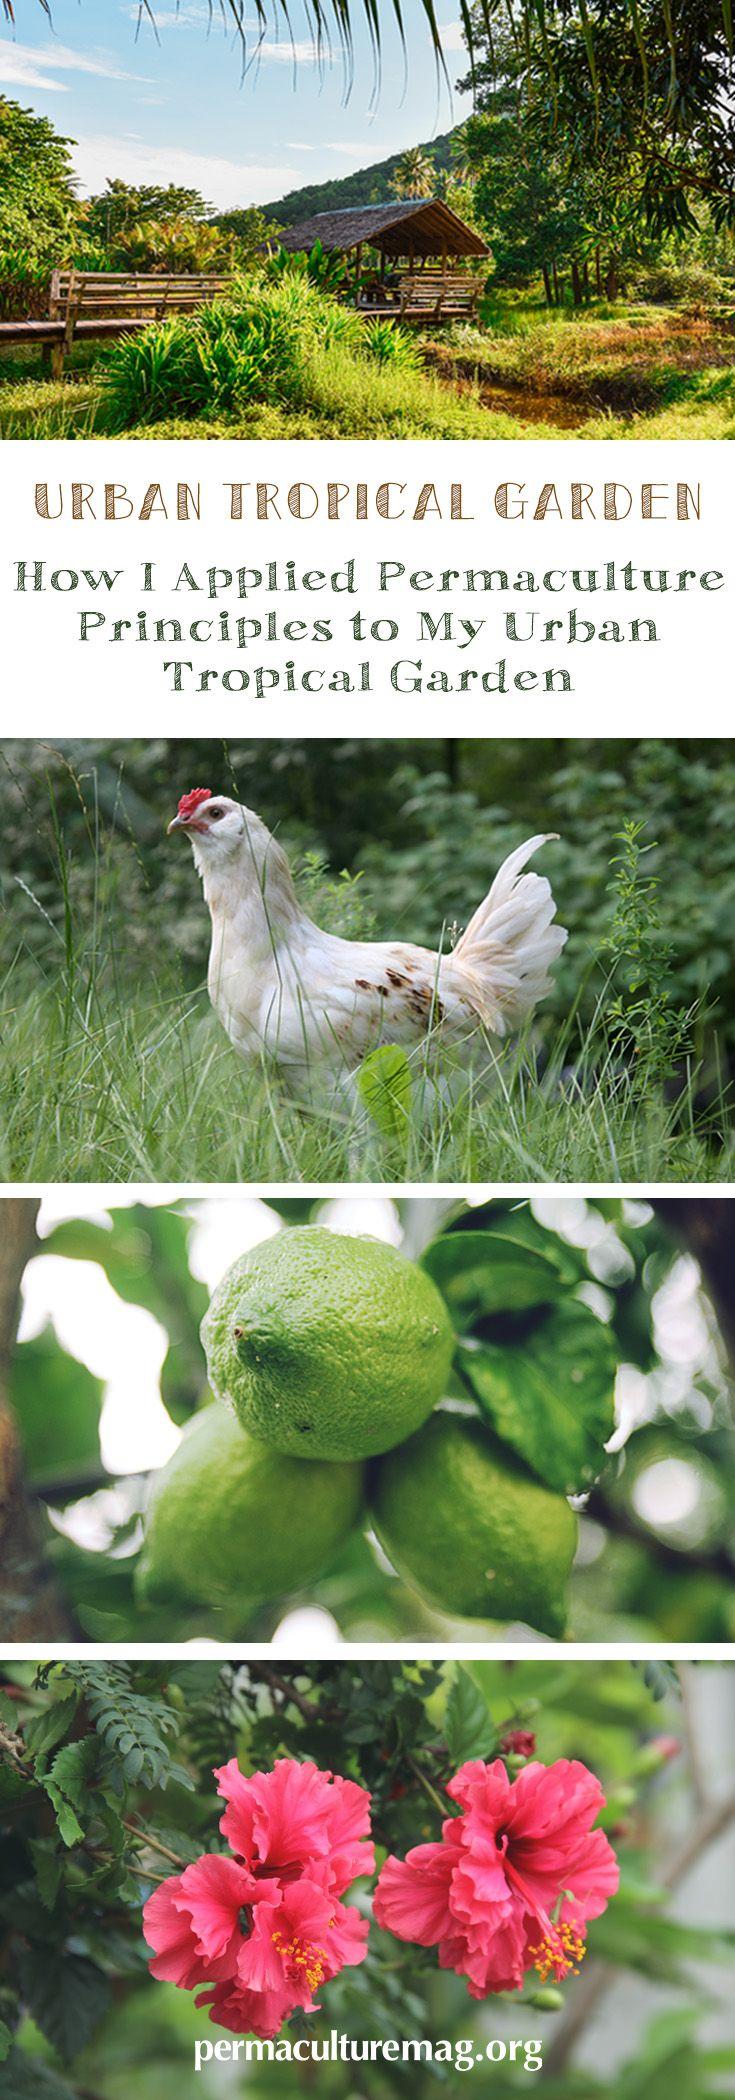 879 best garden images on pinterest garden ideas gardening and